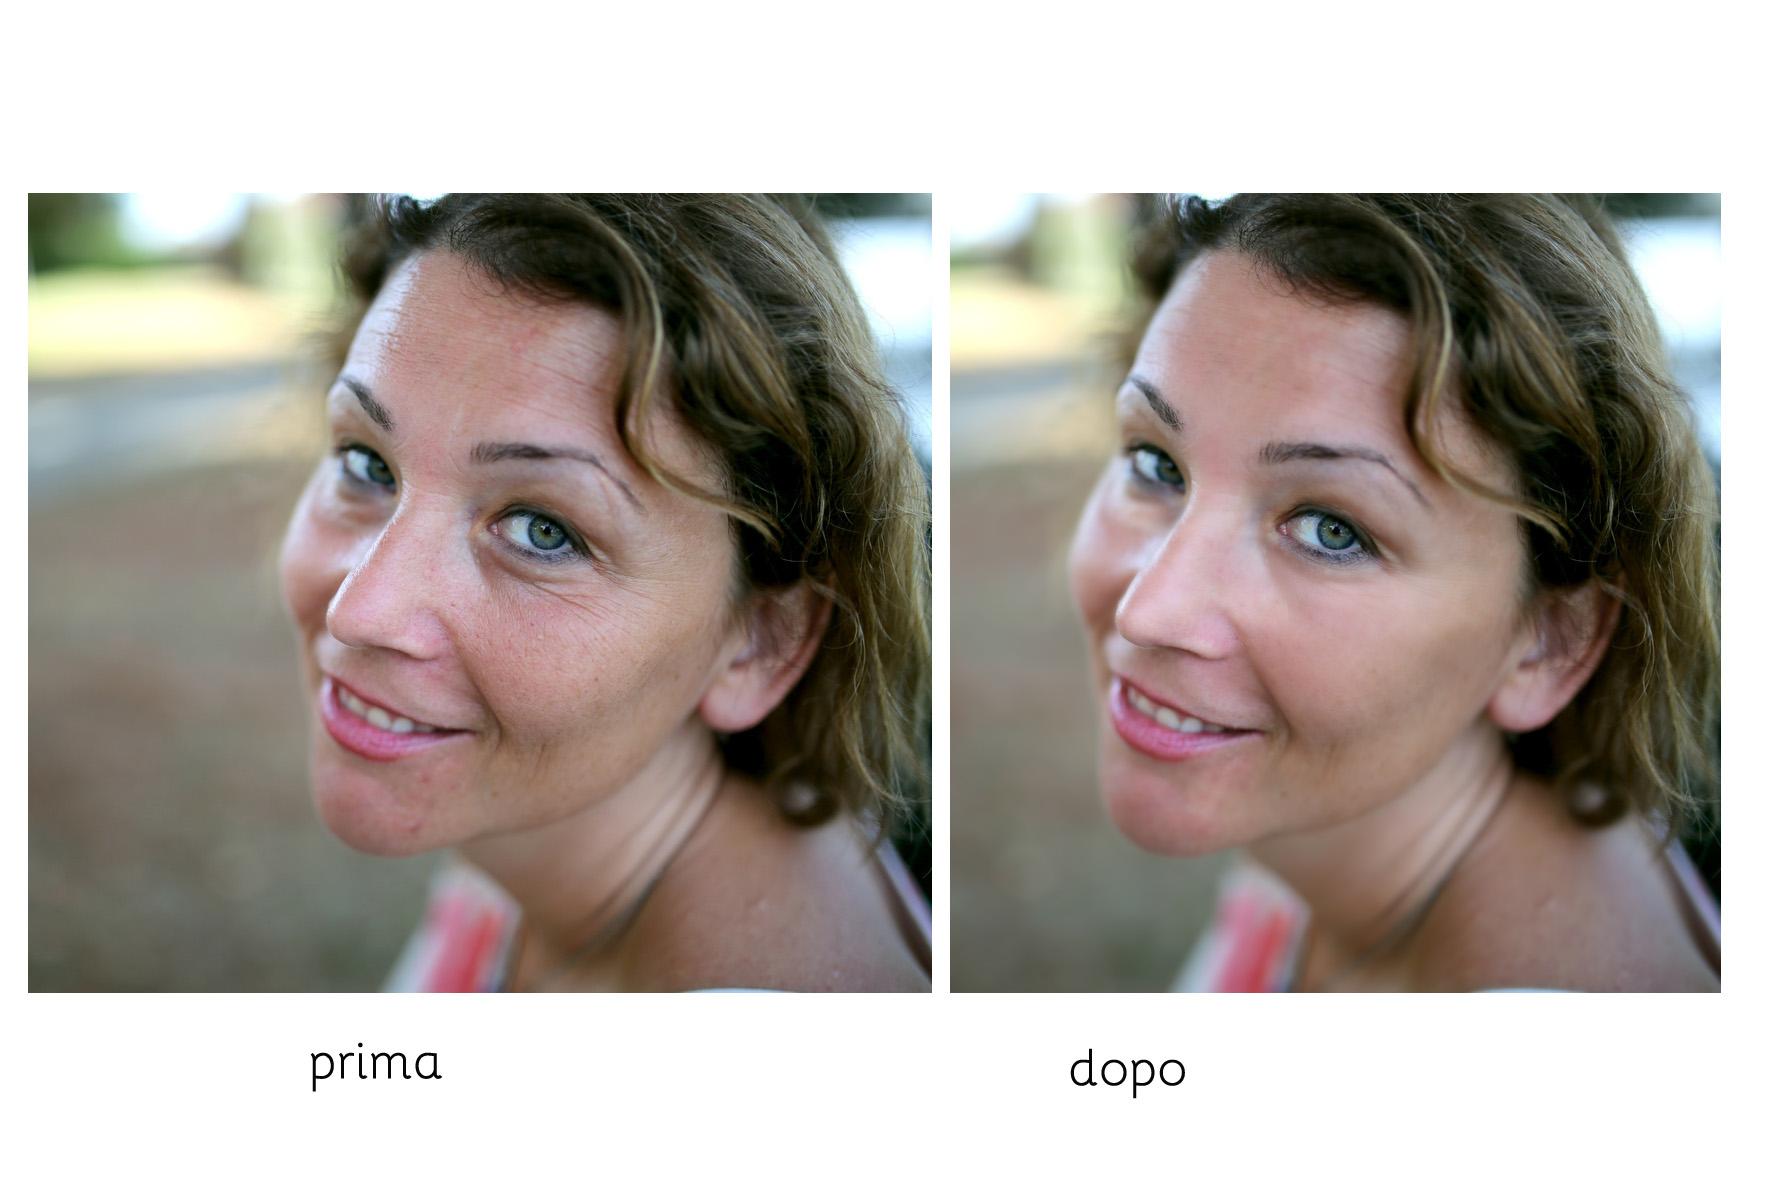 dani_pre-post_2